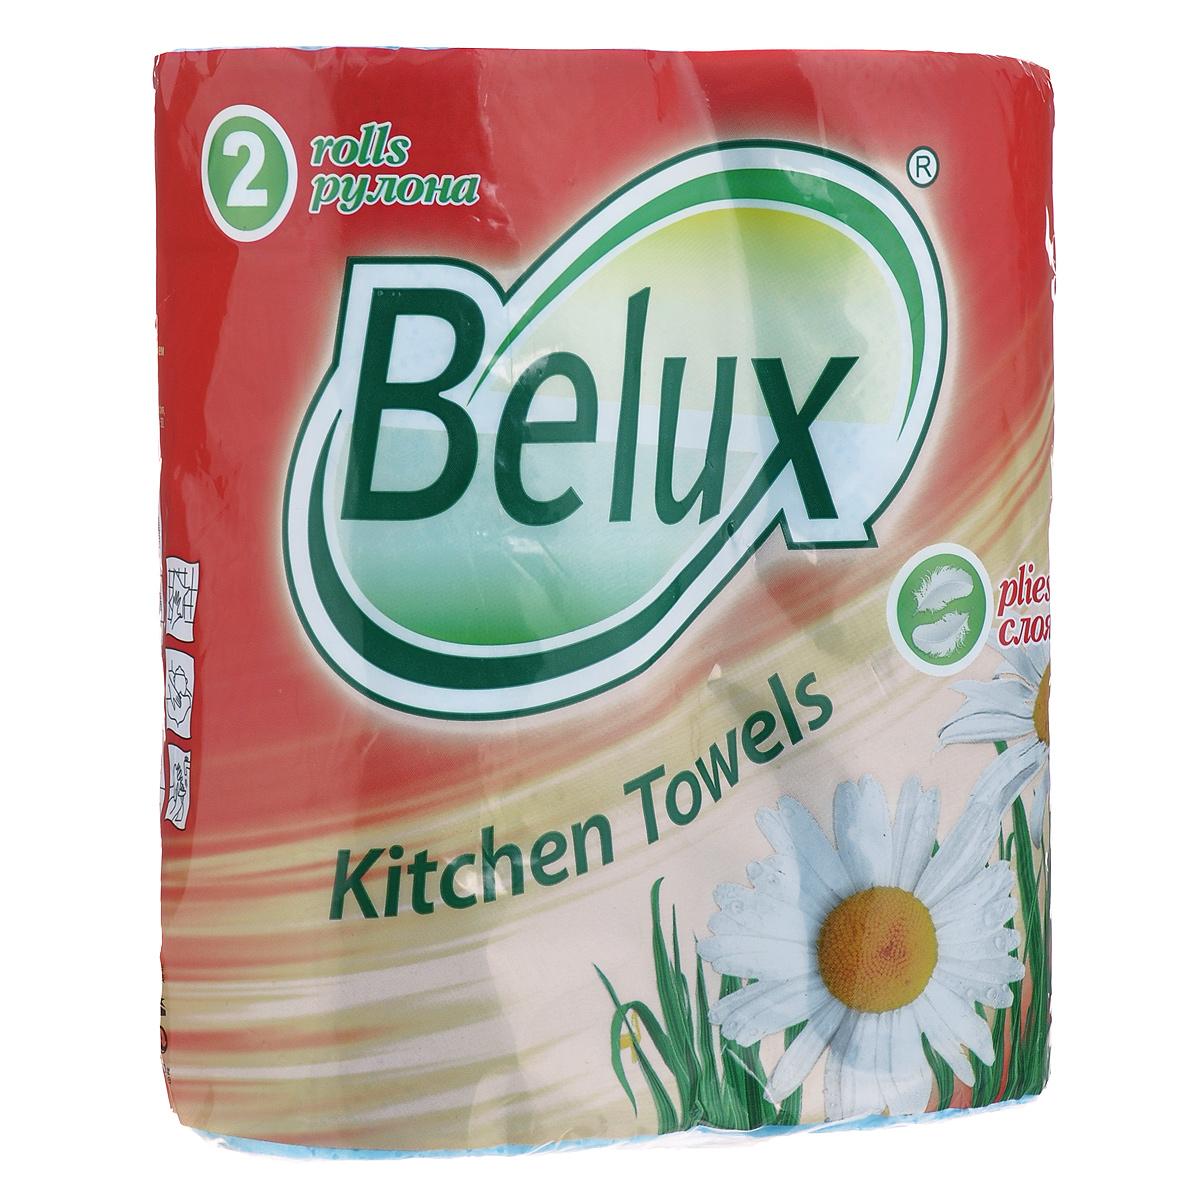 Полотенца кухонные бумажные Belux, двухслойные, цвет: голубой, 2 рулона36299Кухонные бумажные полотенца Belux прекрасно подойдут для использования на кухне. В комплекте - 2 рулона двухслойных полотенец с тиснением. Особенности полотенец: - не оставляют разводов на гладких и стеклянных поверхностях, - идеально впитывают влагу, - отлично впитывают жир, - подходят для ухода за домашними животными, бытовой техникой, автомобилем. Полотенца мягкие, но в тоже время прочные, с отрывом по линии перфорации.